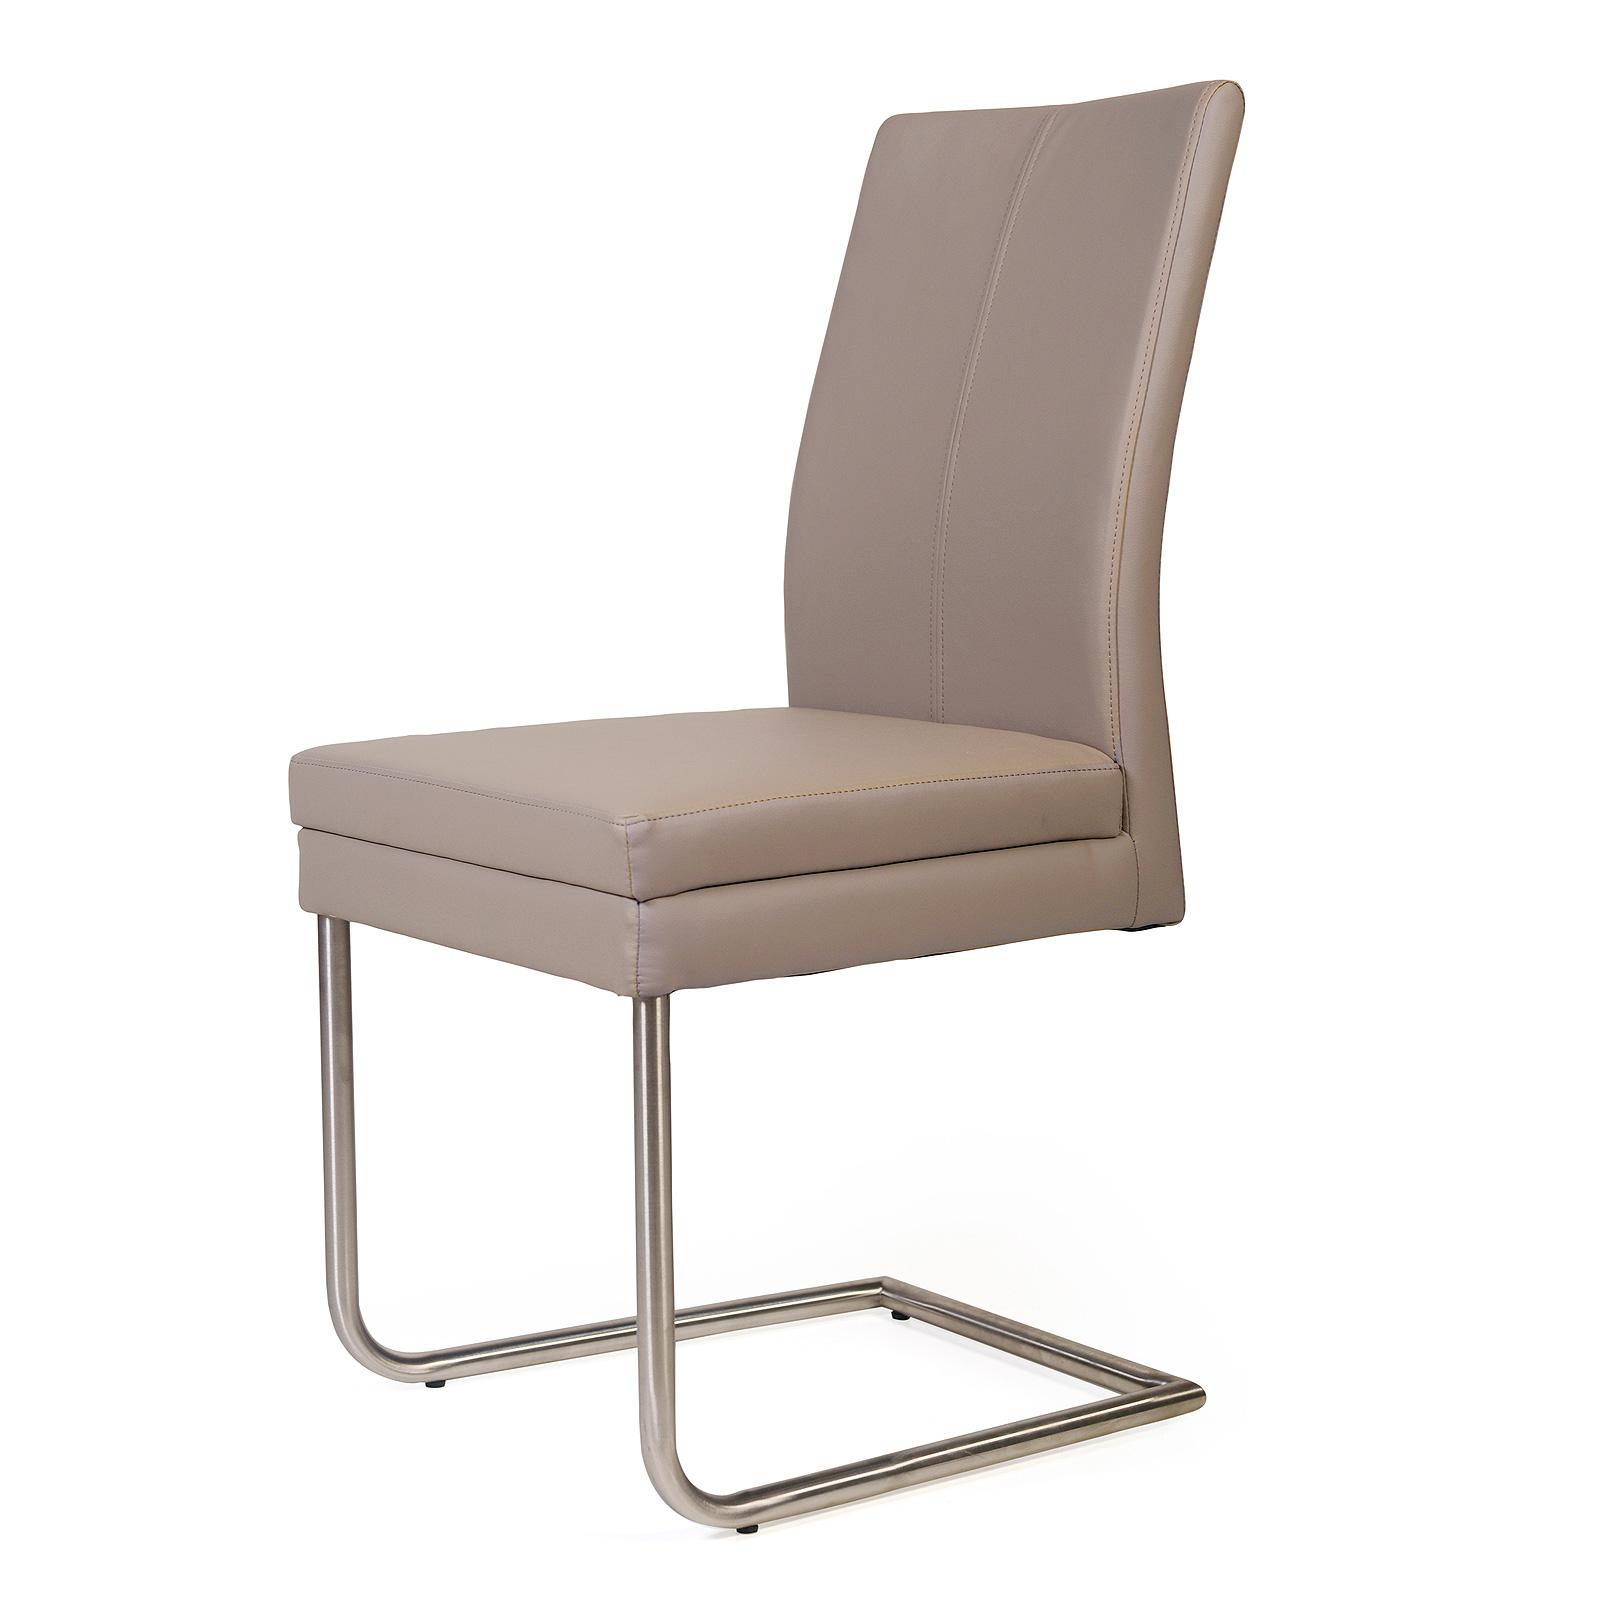 schwingstuhl goja stuhl freischwinger esszimmerstuhl 4 farben bezug farbauswahl ebay. Black Bedroom Furniture Sets. Home Design Ideas